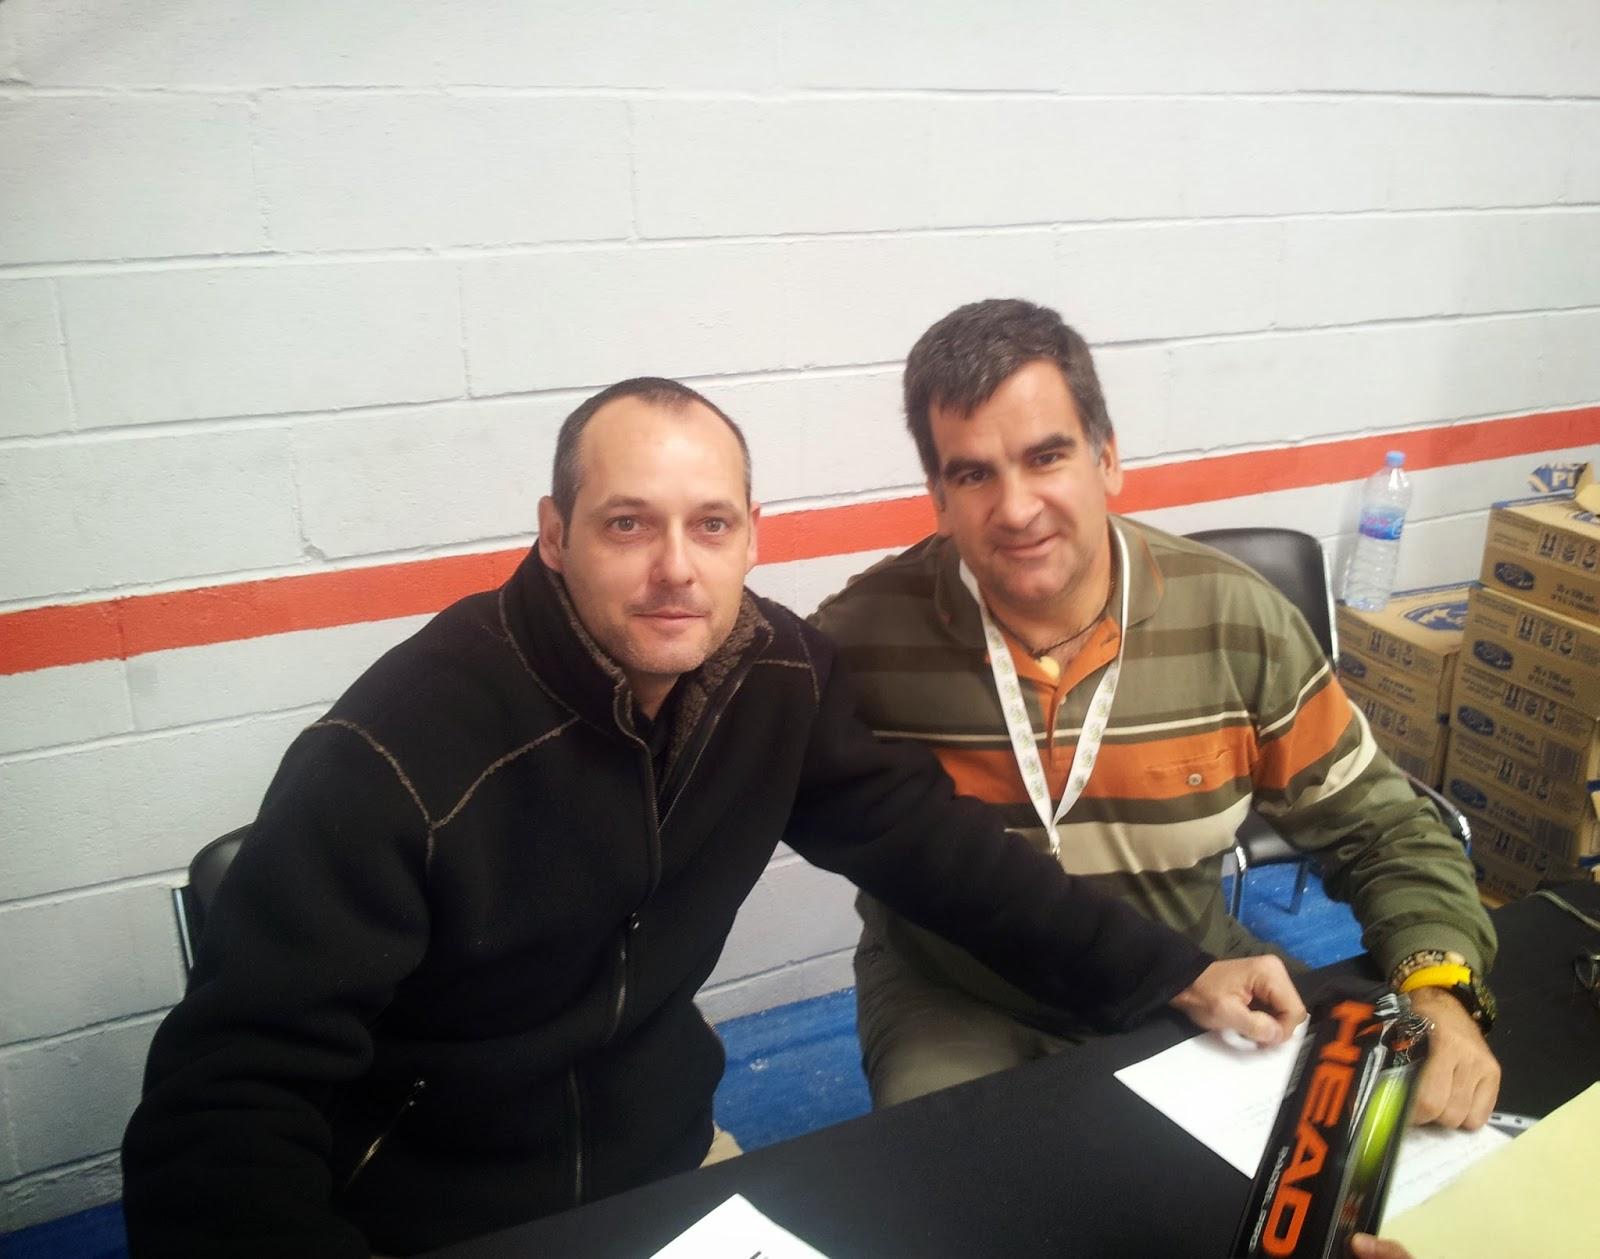 Pedro Moreno y el autor del blog en la entrevista mantenida en Sevilla